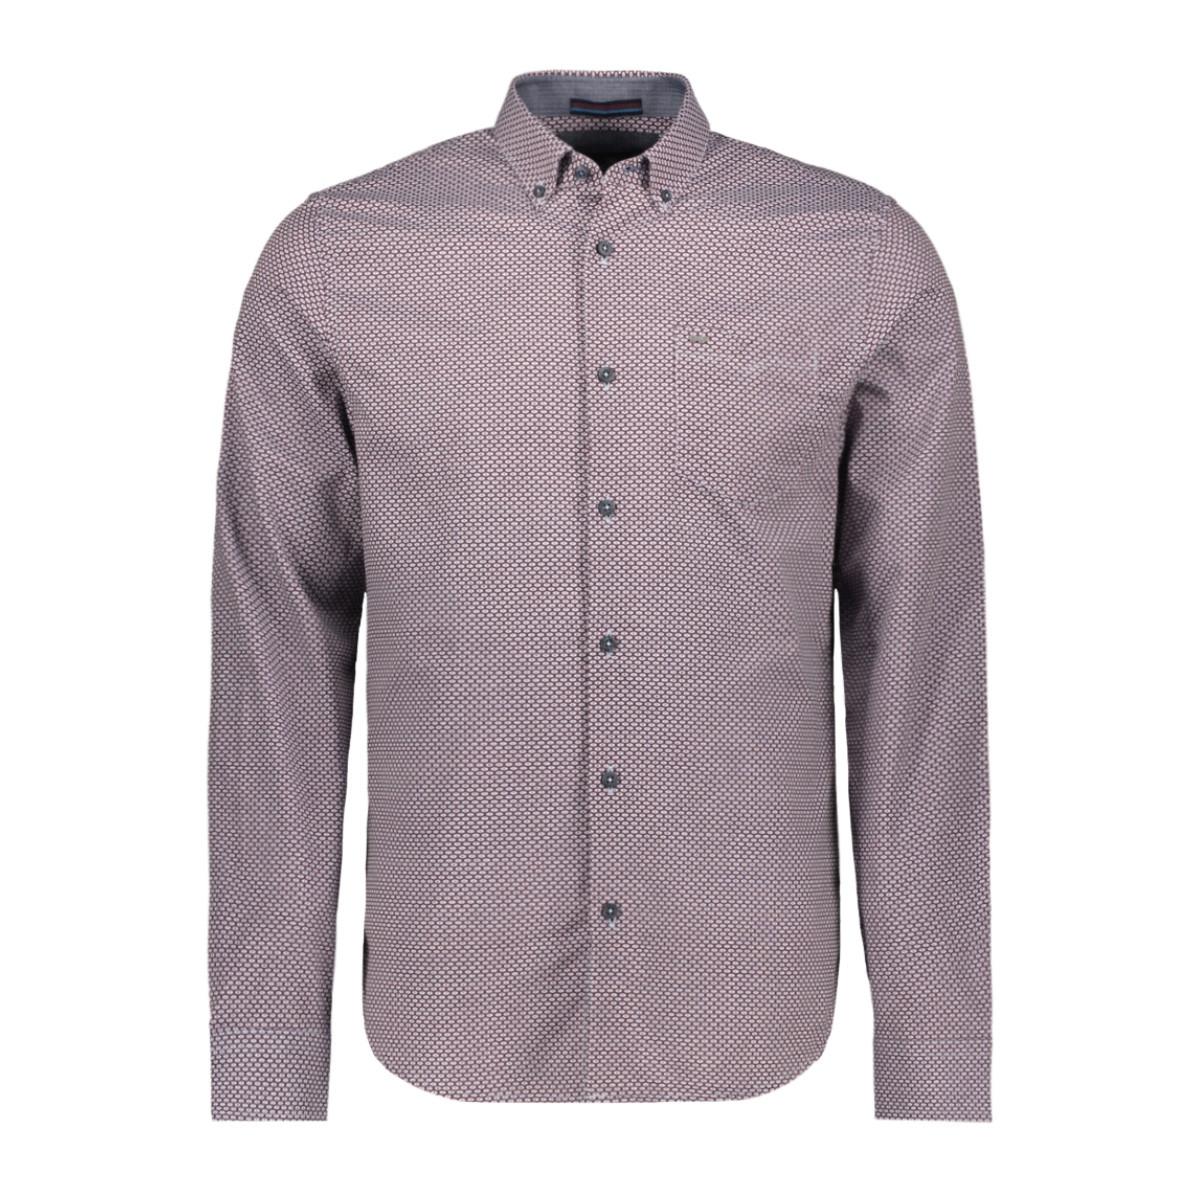 Bordeaux heren overhemd Vanguard - VSI197405 3246